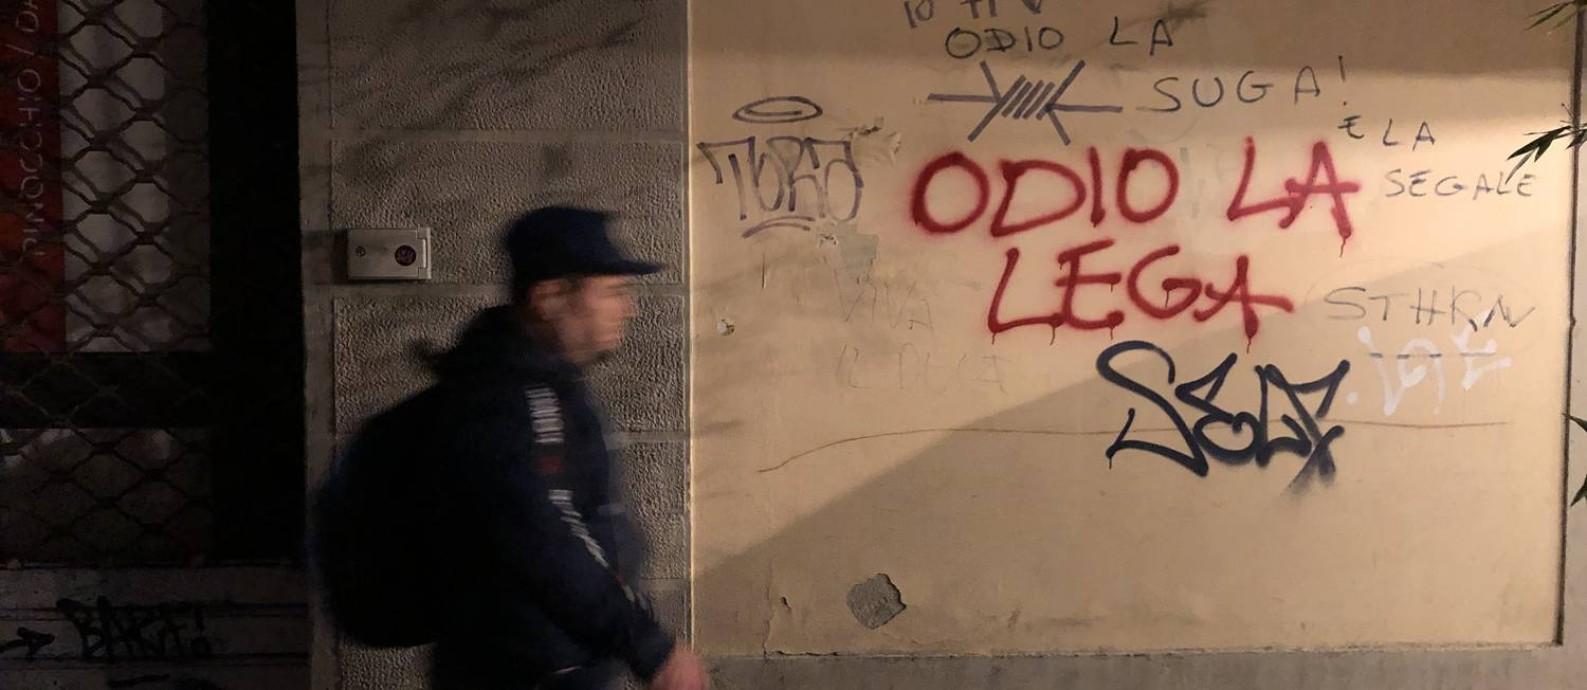 Imigrante latino-americano passa por pichação contra a Liga em rua do centro histórico de Florença Foto: Lucas Ferraz / agência O GLOBO